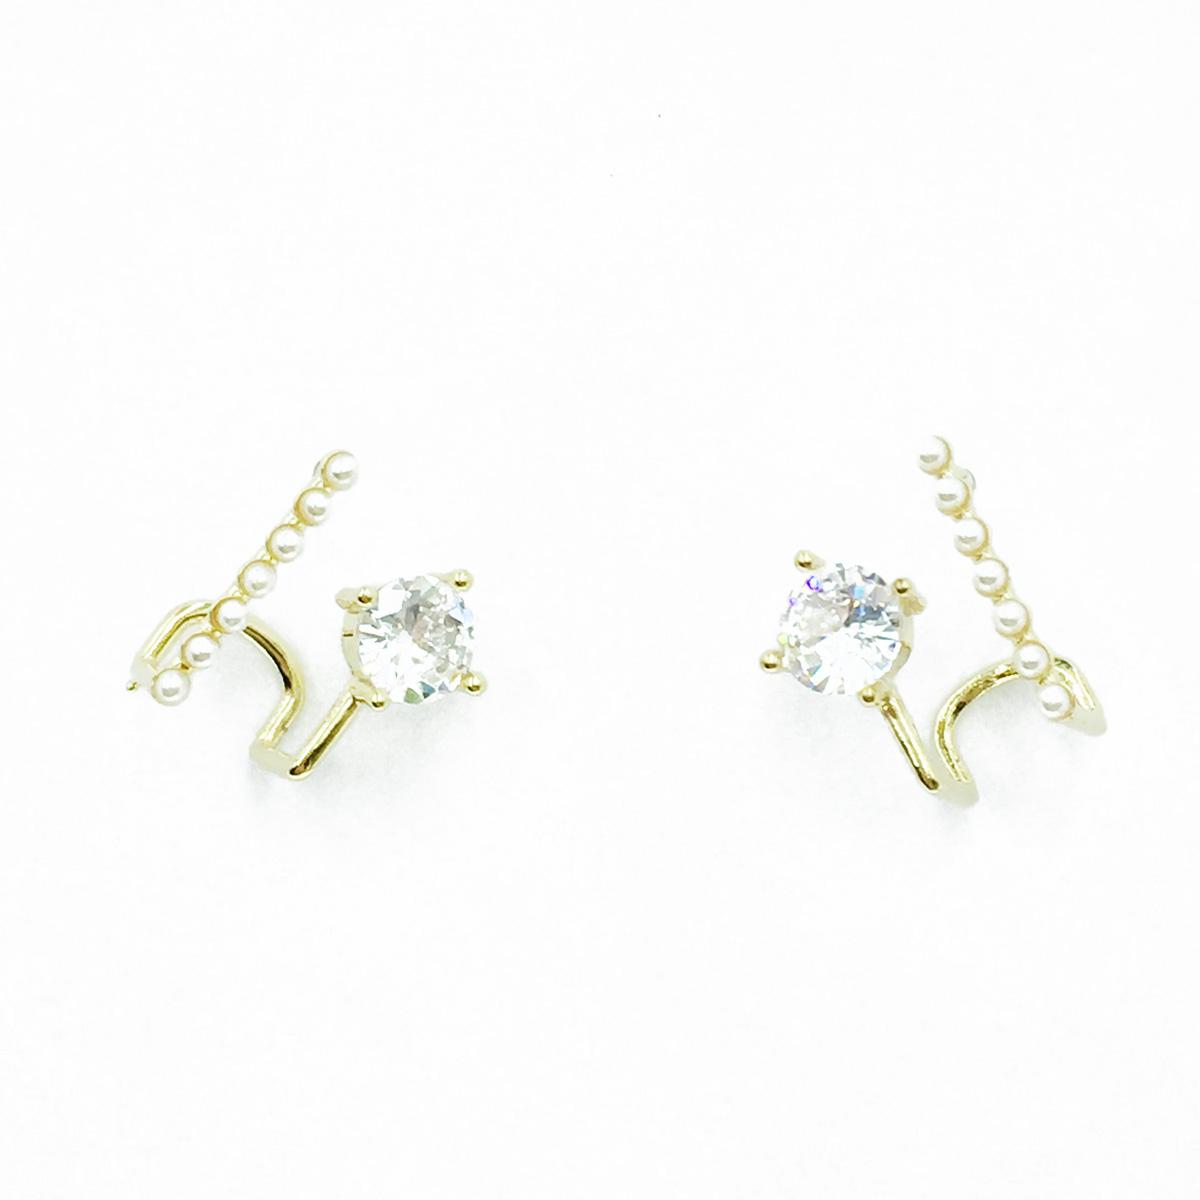 韓國 925純銀 爪單鑽 珍珠 耳針式耳環